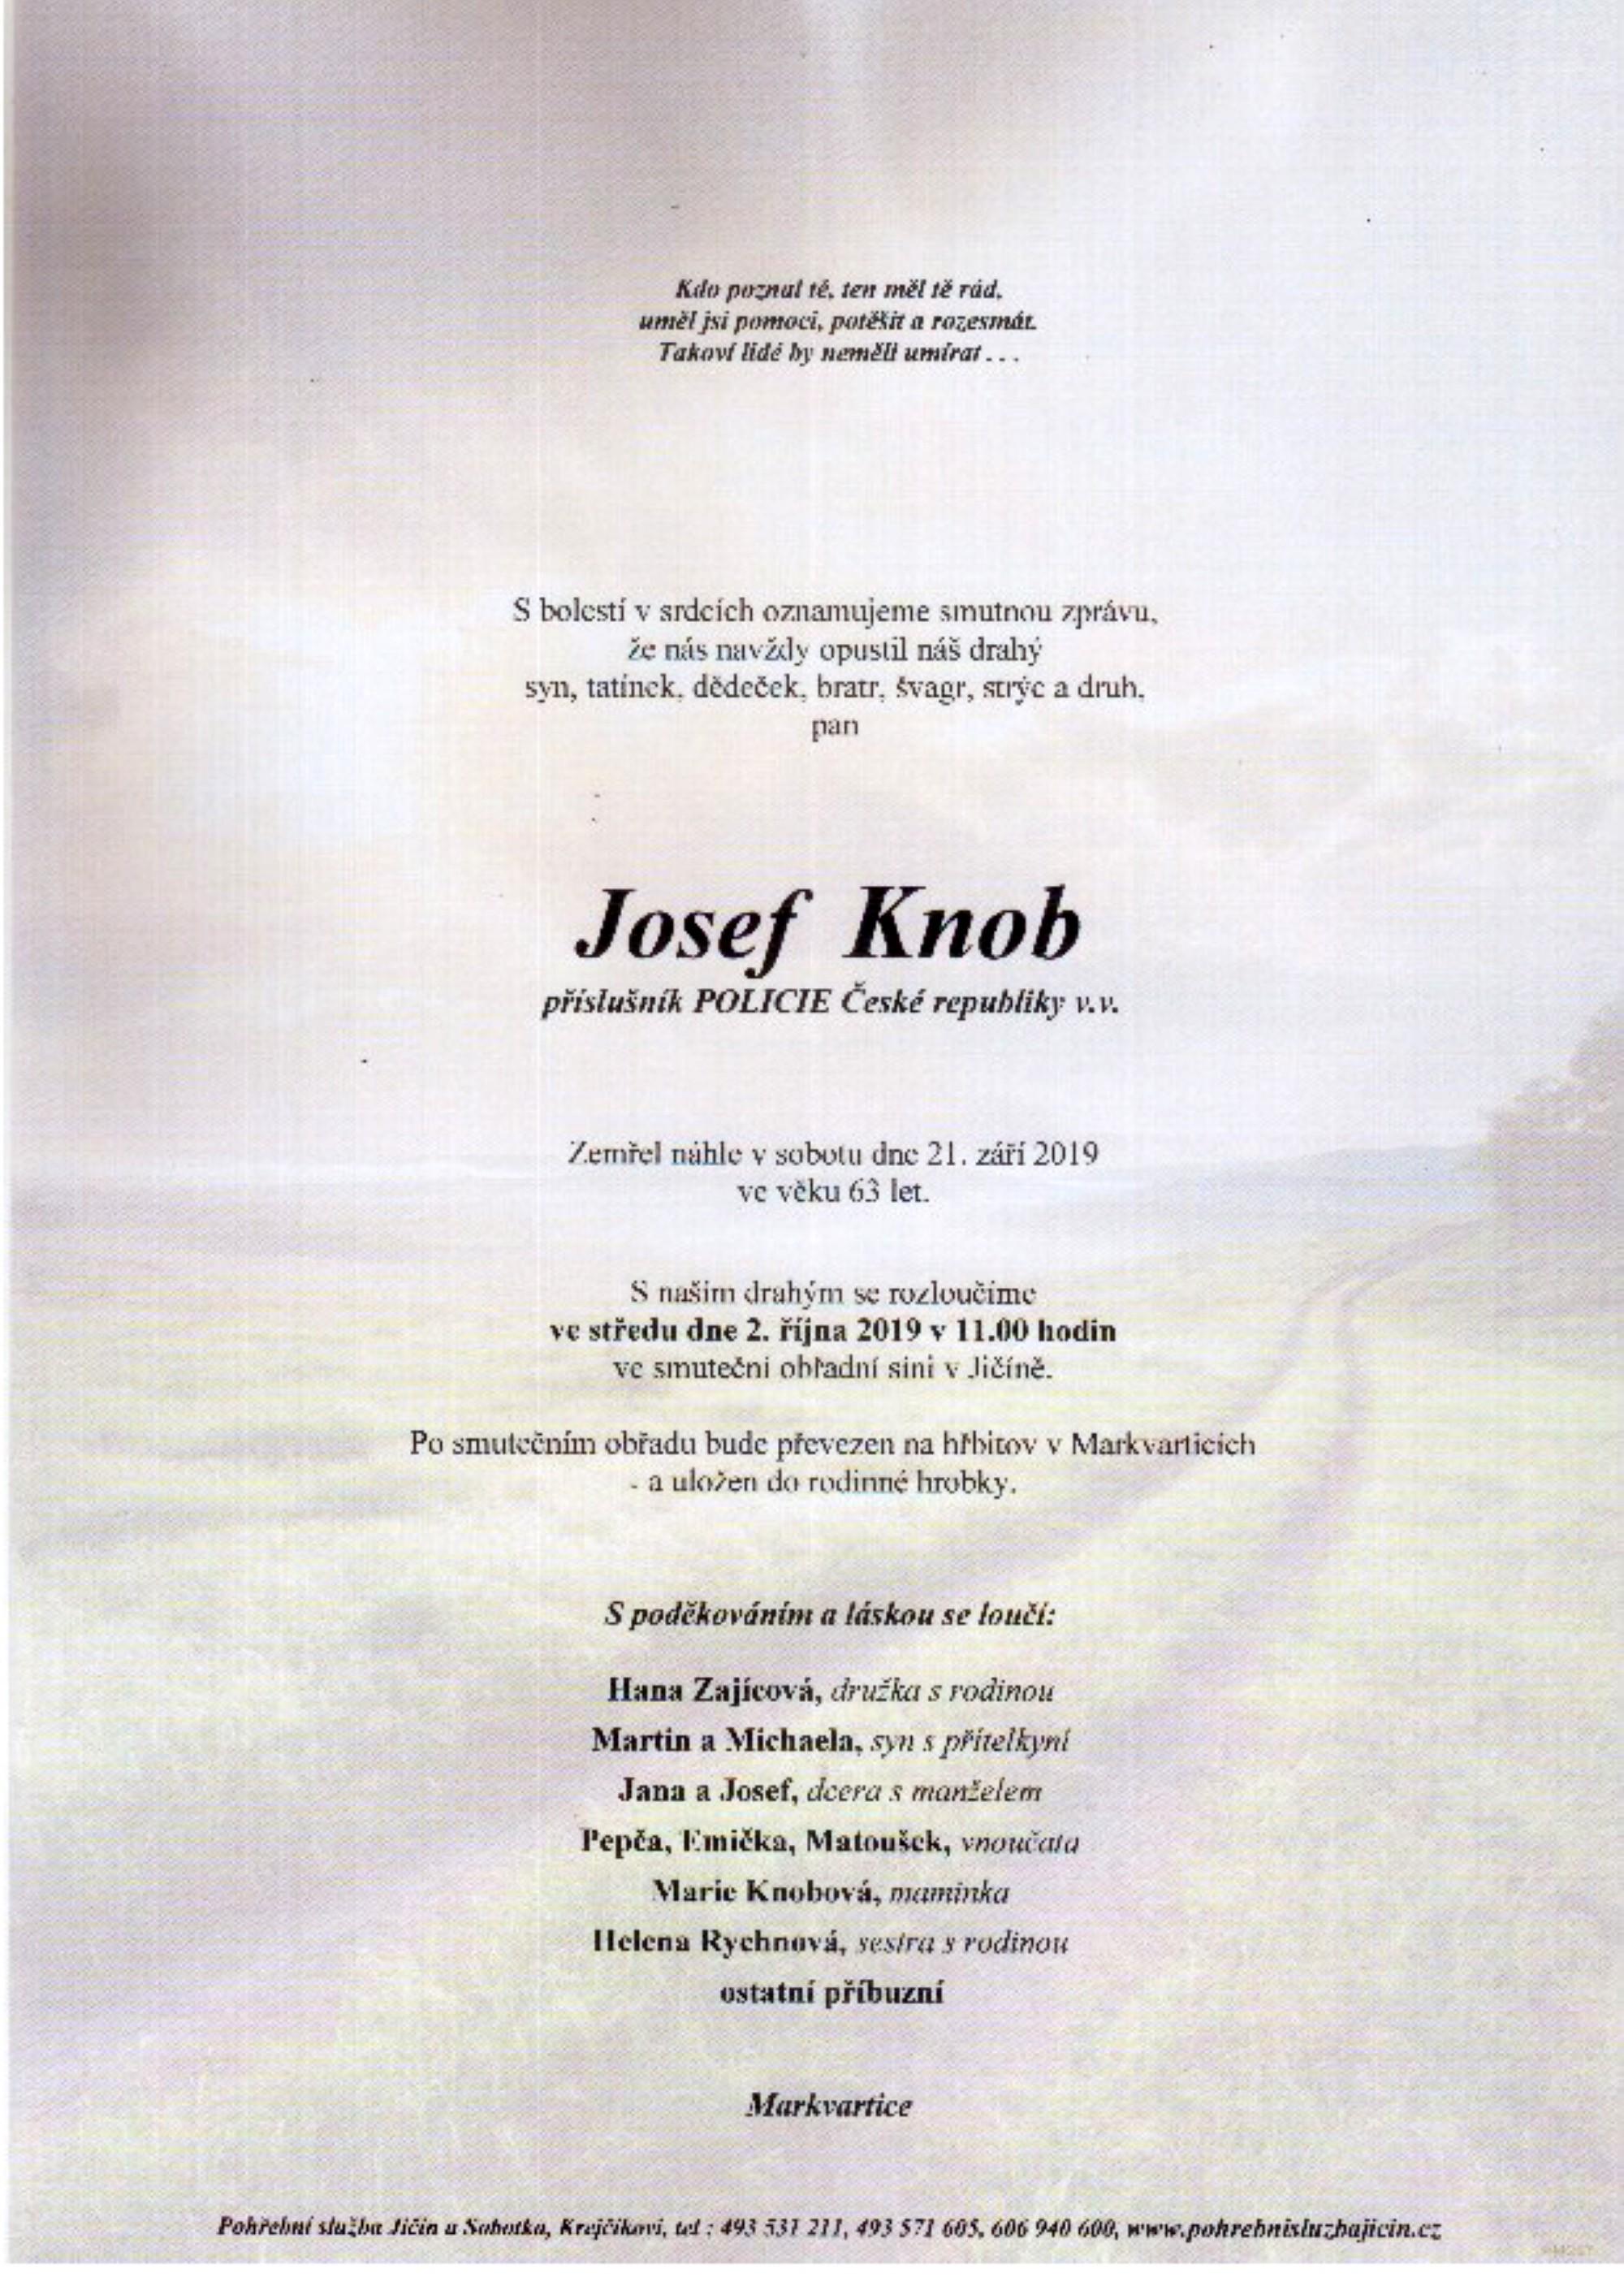 Josef Knob